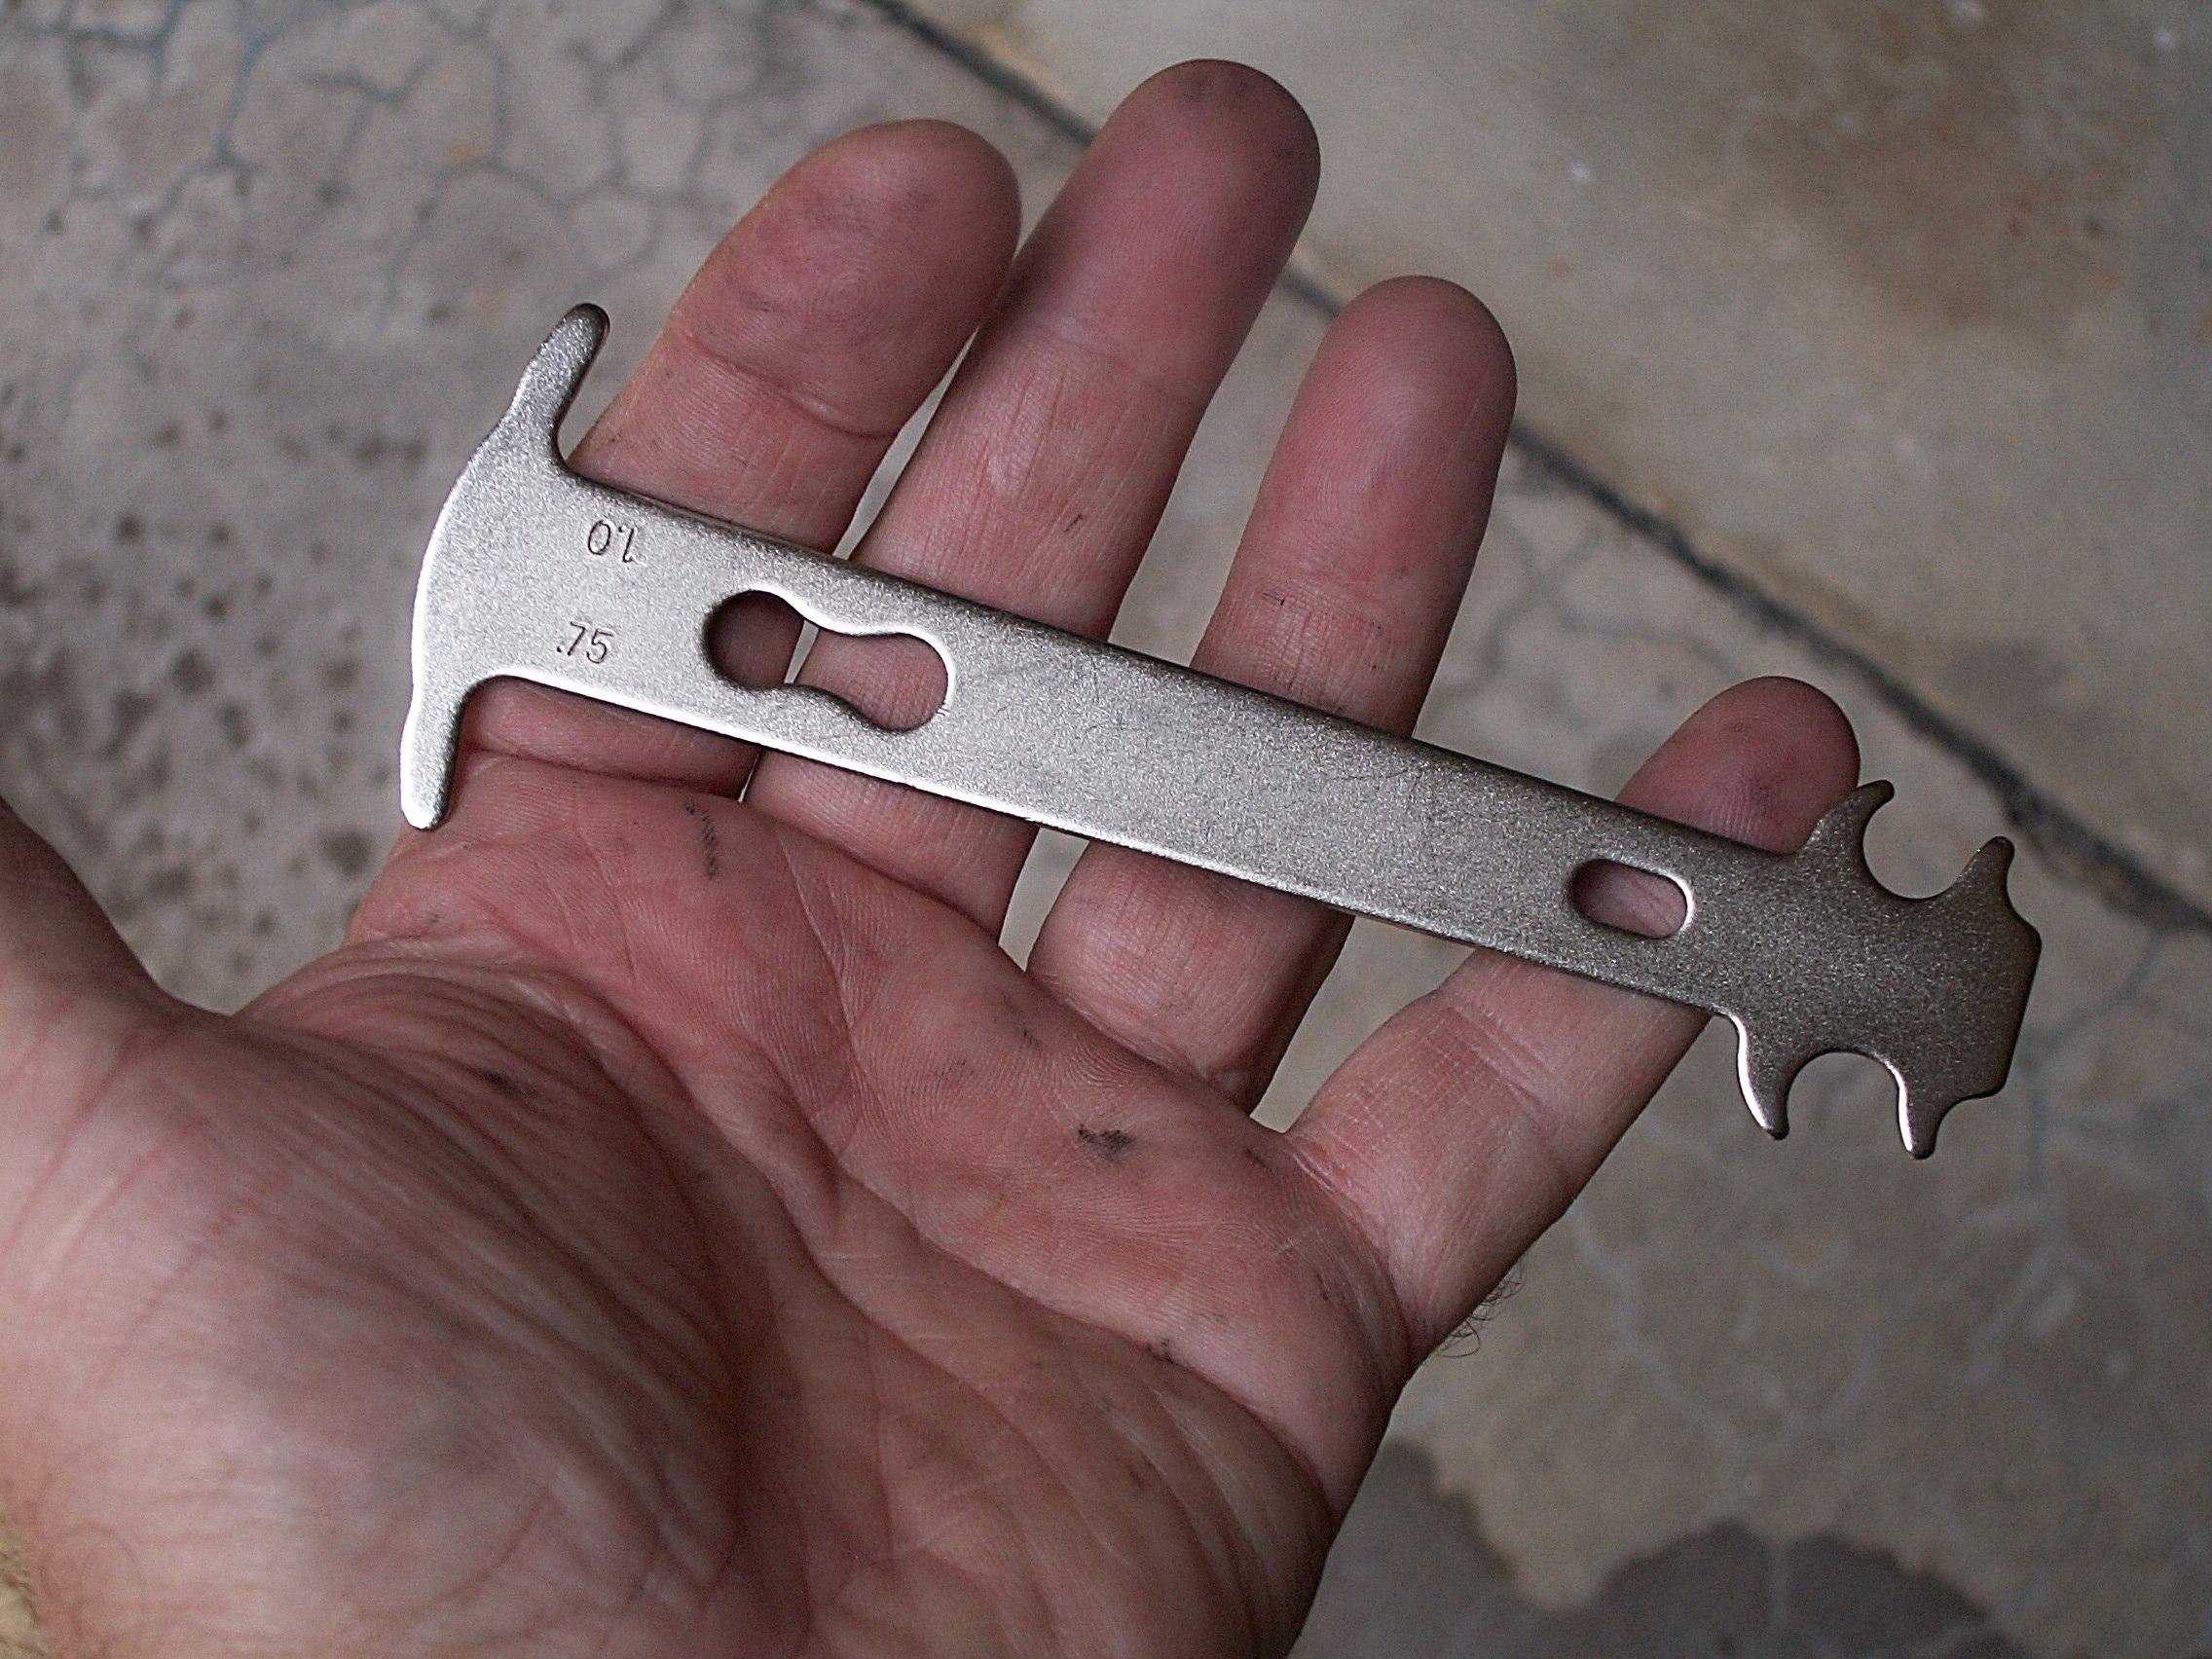 Free Images : hand, tool, finger, macro, knife, measurement, handgun